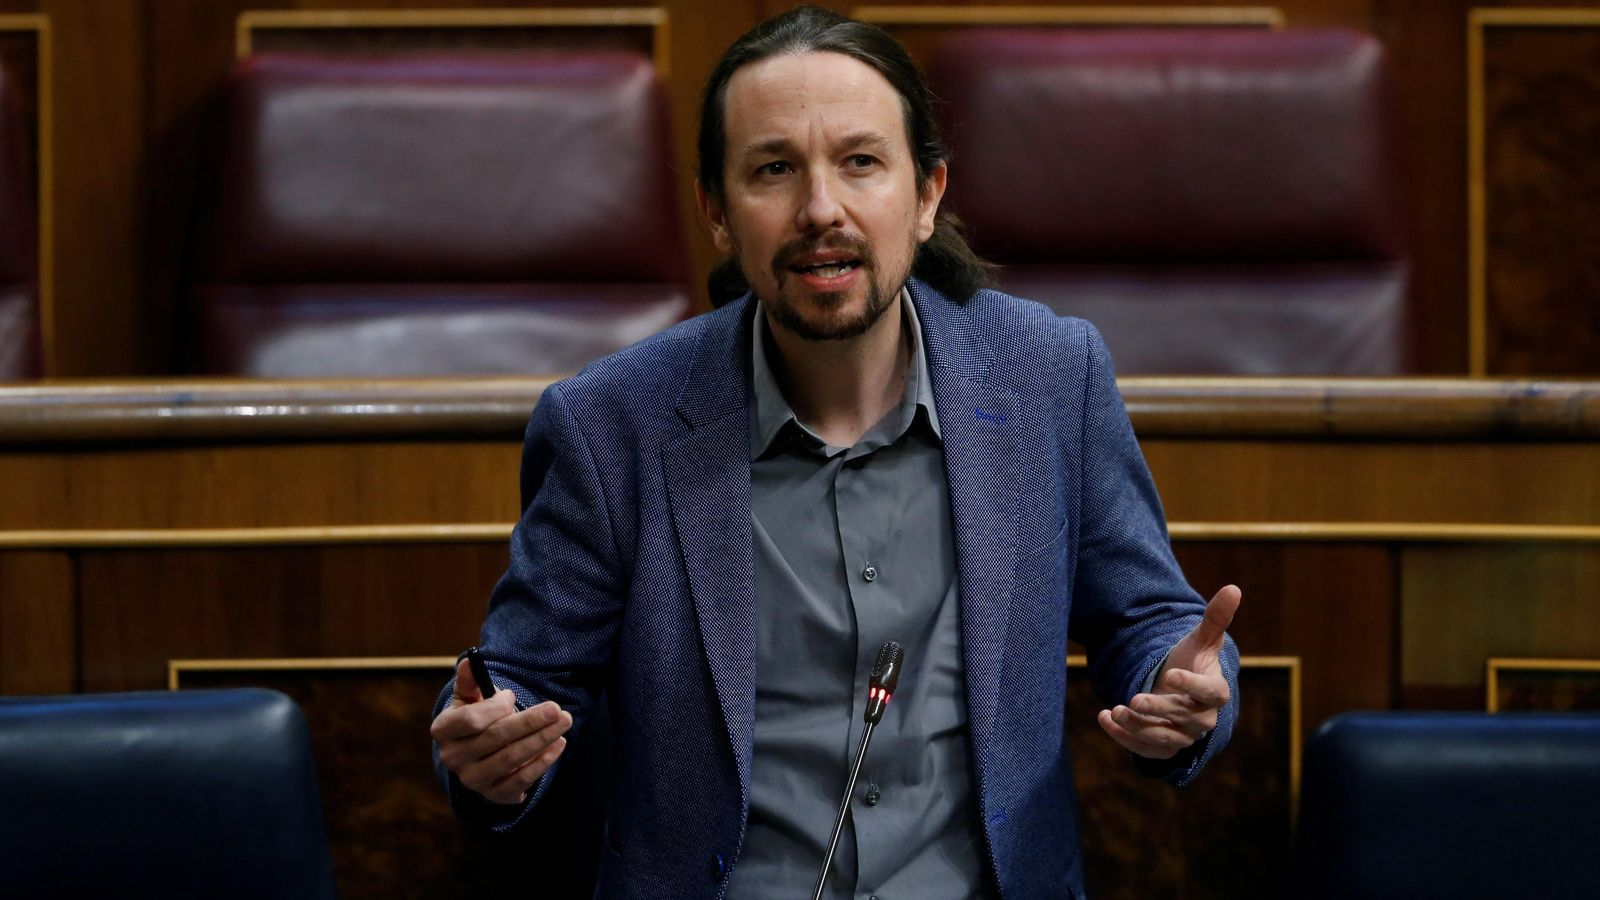 Pablo Iglesias en el congrés dels diputats en el debat per la cinquena pròrroga de l'Estat d'Alarma